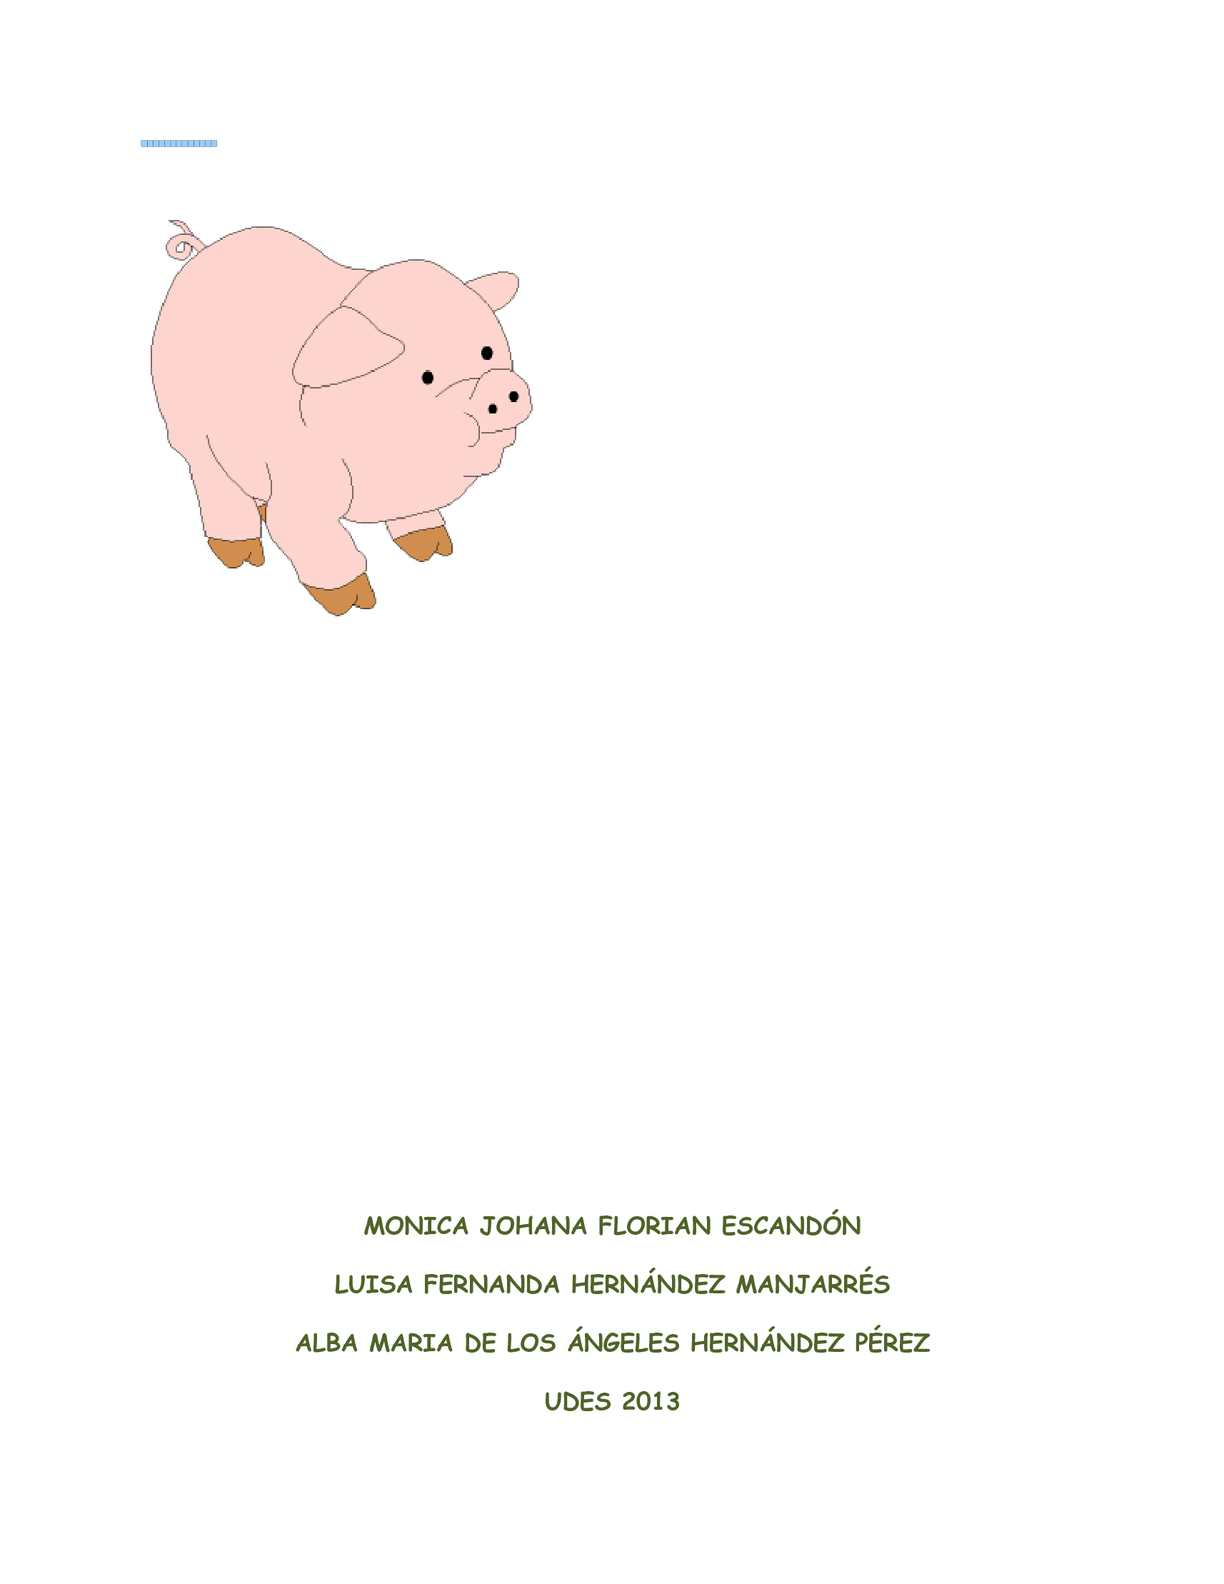 Anatomia y fisiología del cerdo - CALAMEO Downloader